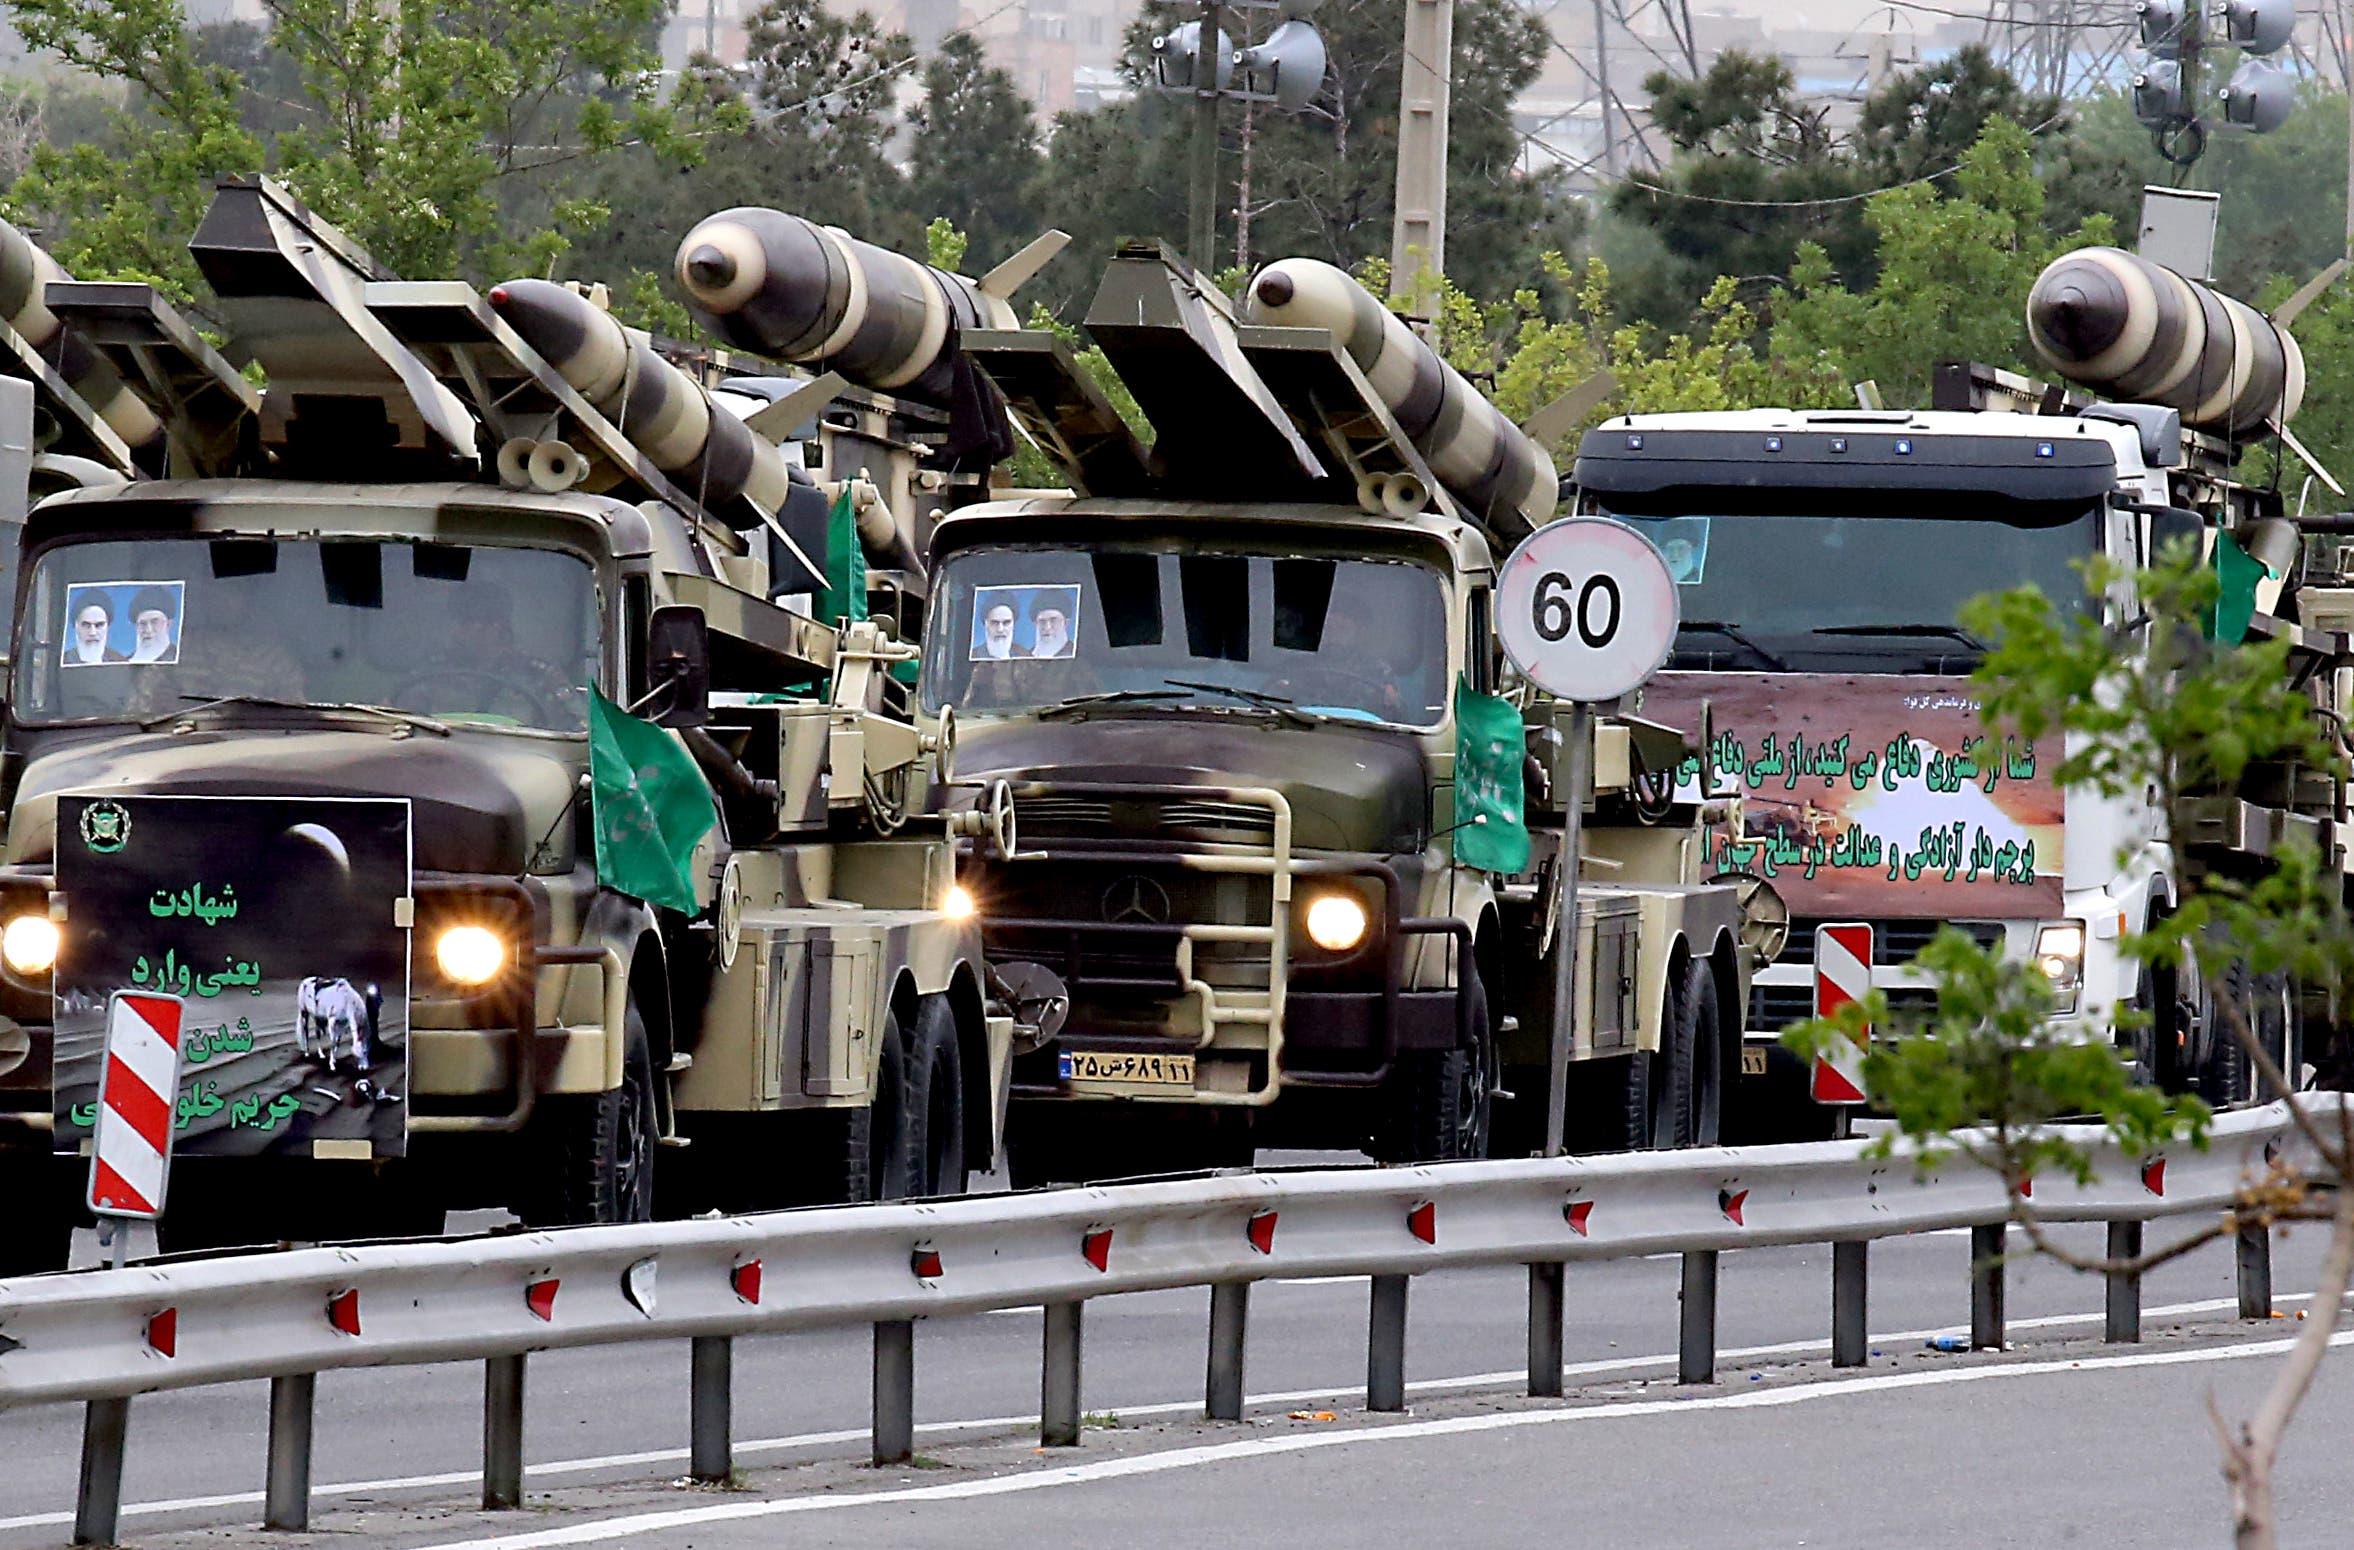 استعراض أسلحة إيرانية خلال عرض عسكري في طهران في 2019 (أرشيفية)